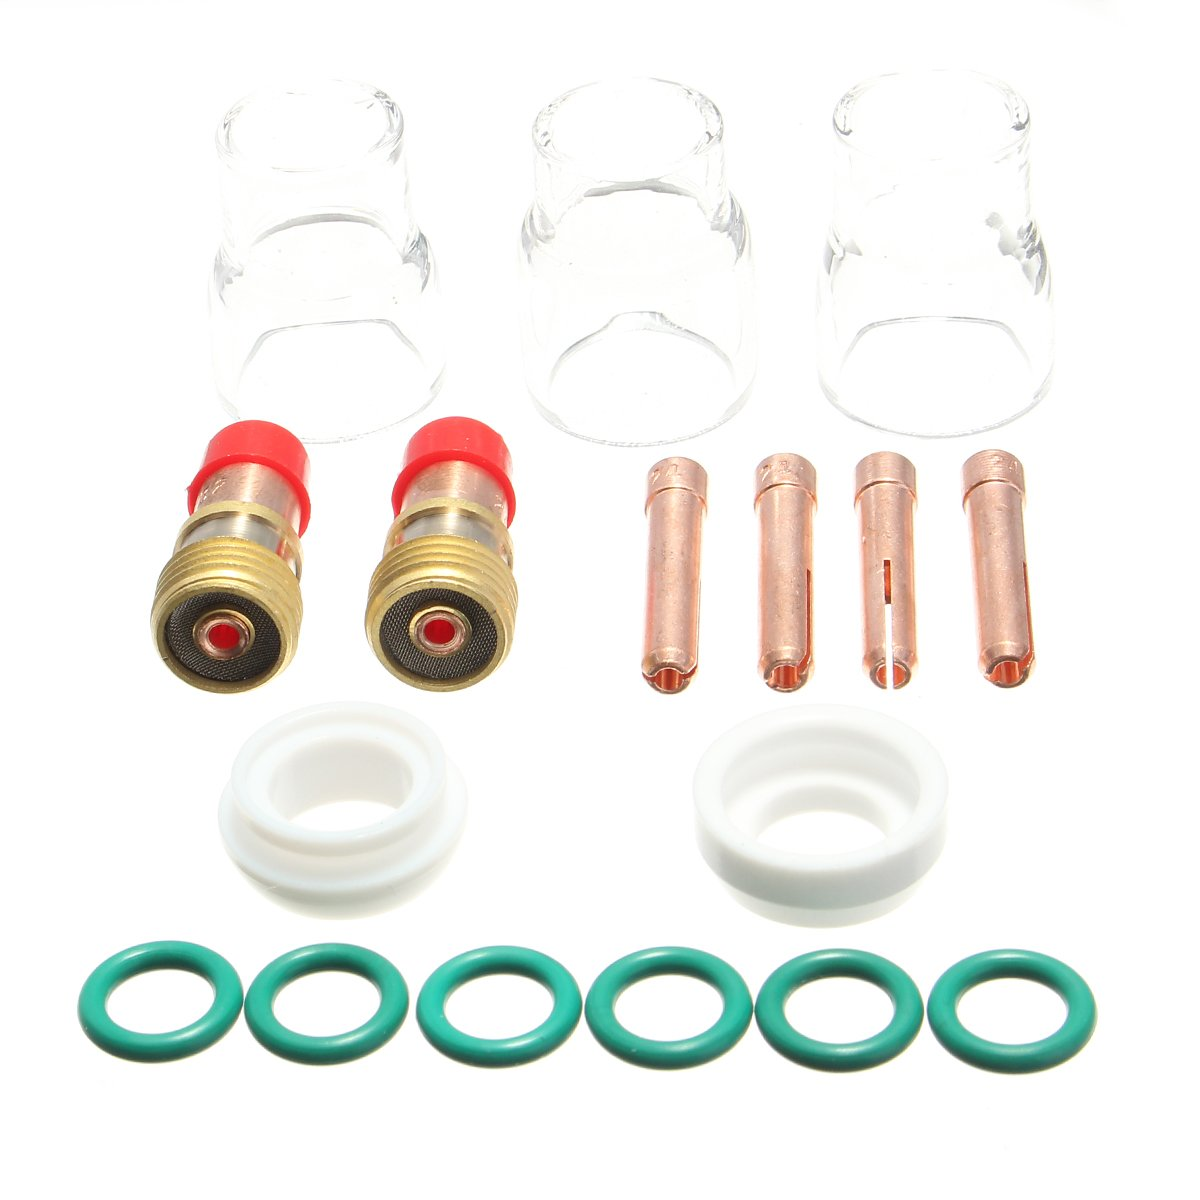 MASUNN 17Pcs 1.6 mm TIG soldadura de gas rechoncho lente Coll cuerpo antorcha accesorios WP-17/18/26